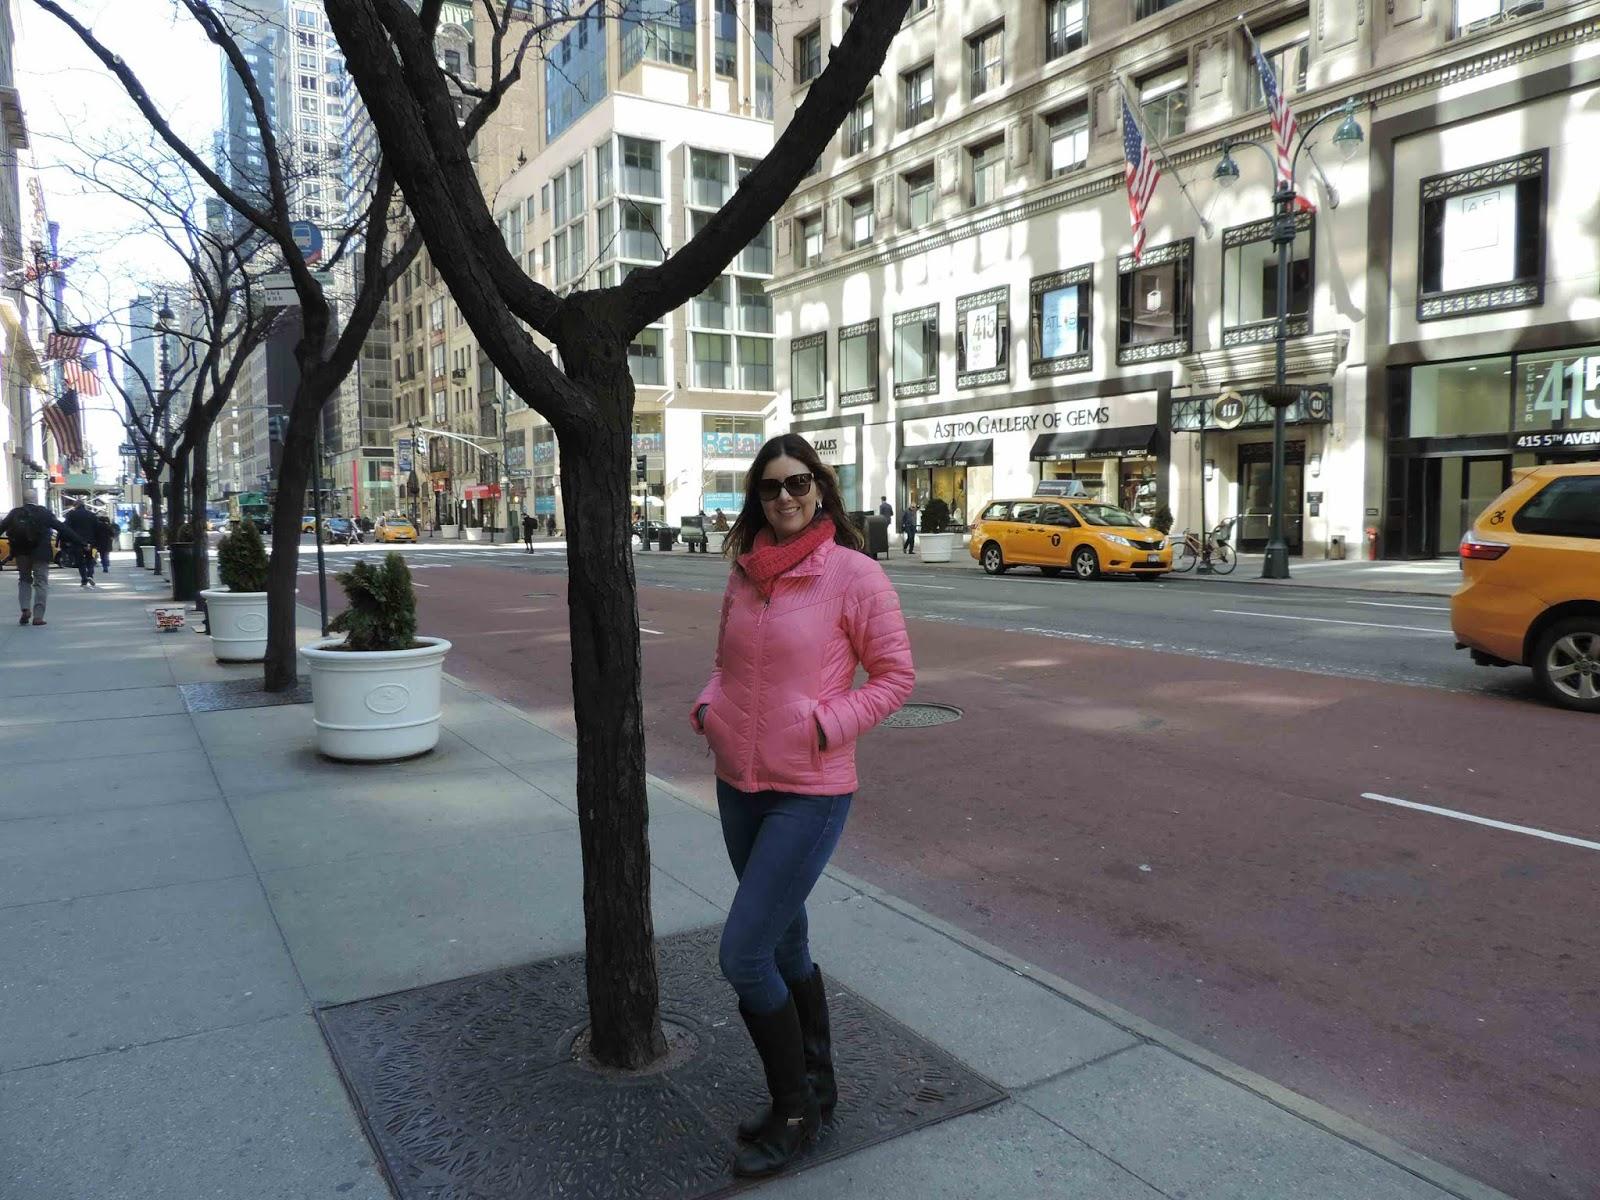 Roteiro completo de 6 dias de viagem em New York com crianças